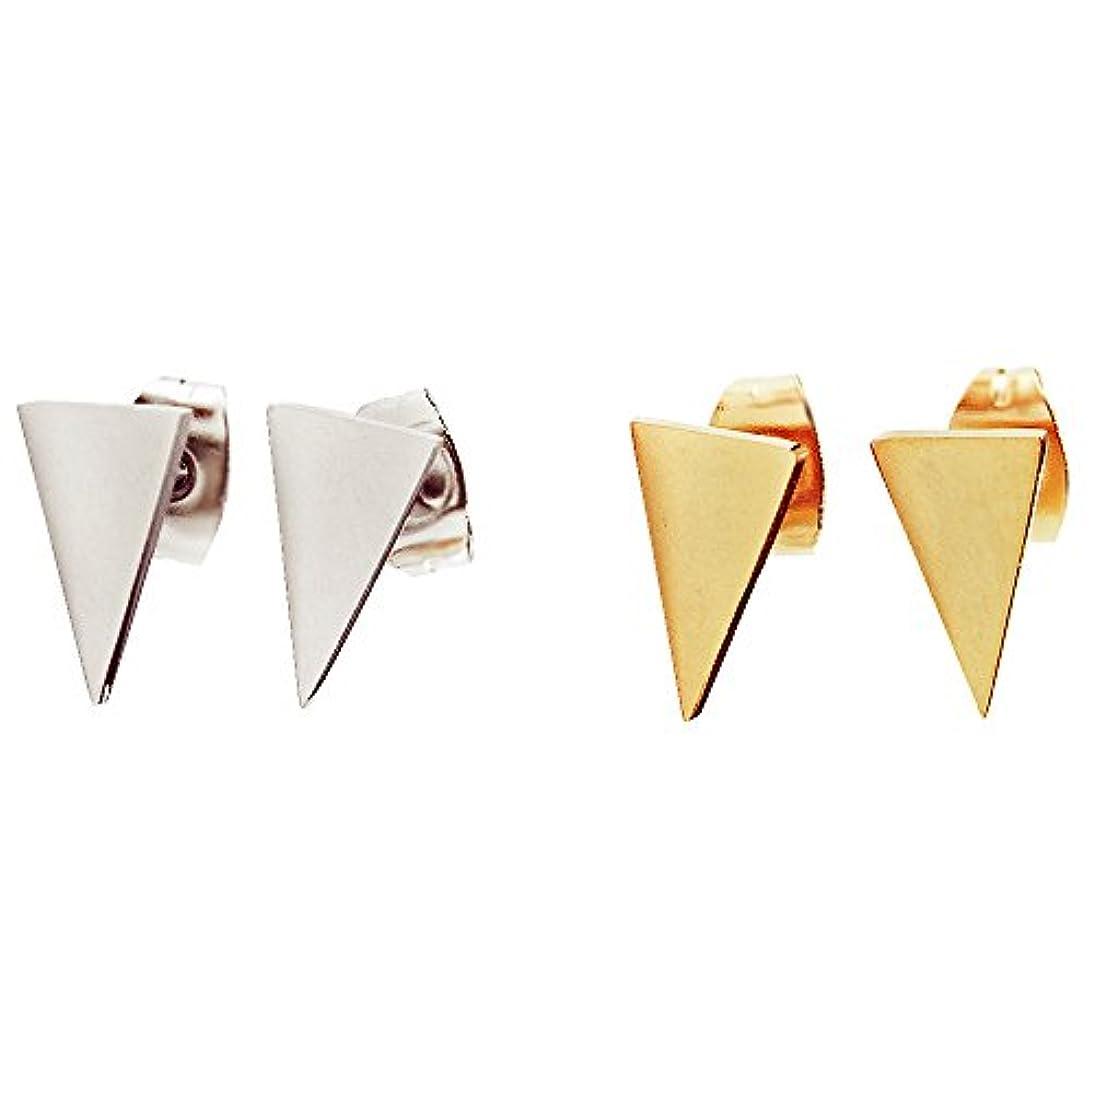 権威すみませんブリッジ三角形316lステンレススチールイヤリング、耳スタッド、メンズジュエリー、メンズイヤリング